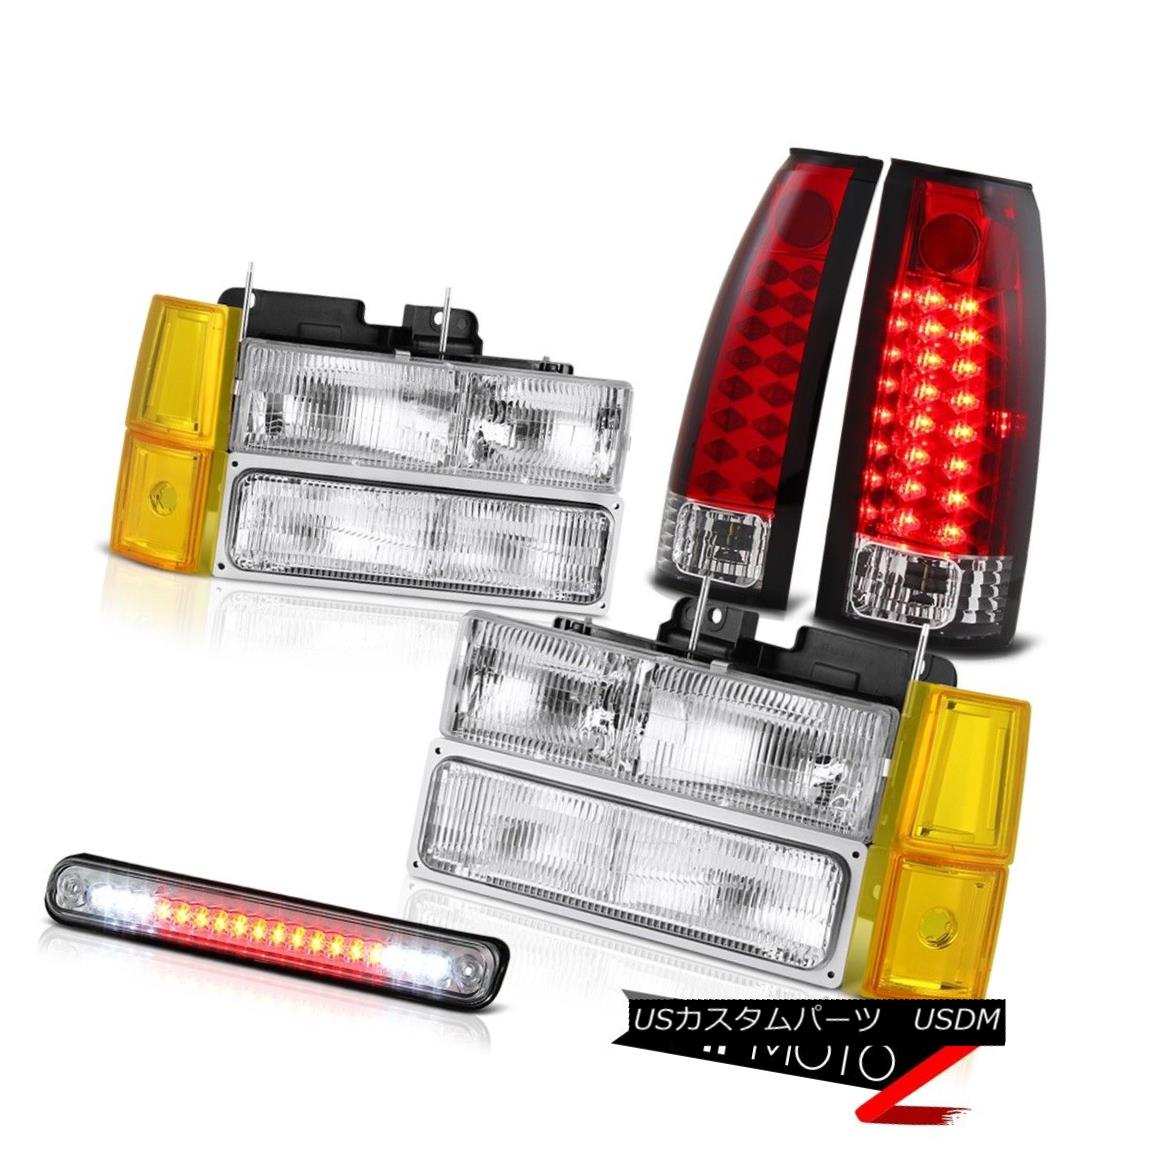 テールライト 94-98 GMC K2500 Headlights Bumper Roof Brake Light Tail Lamps SMD